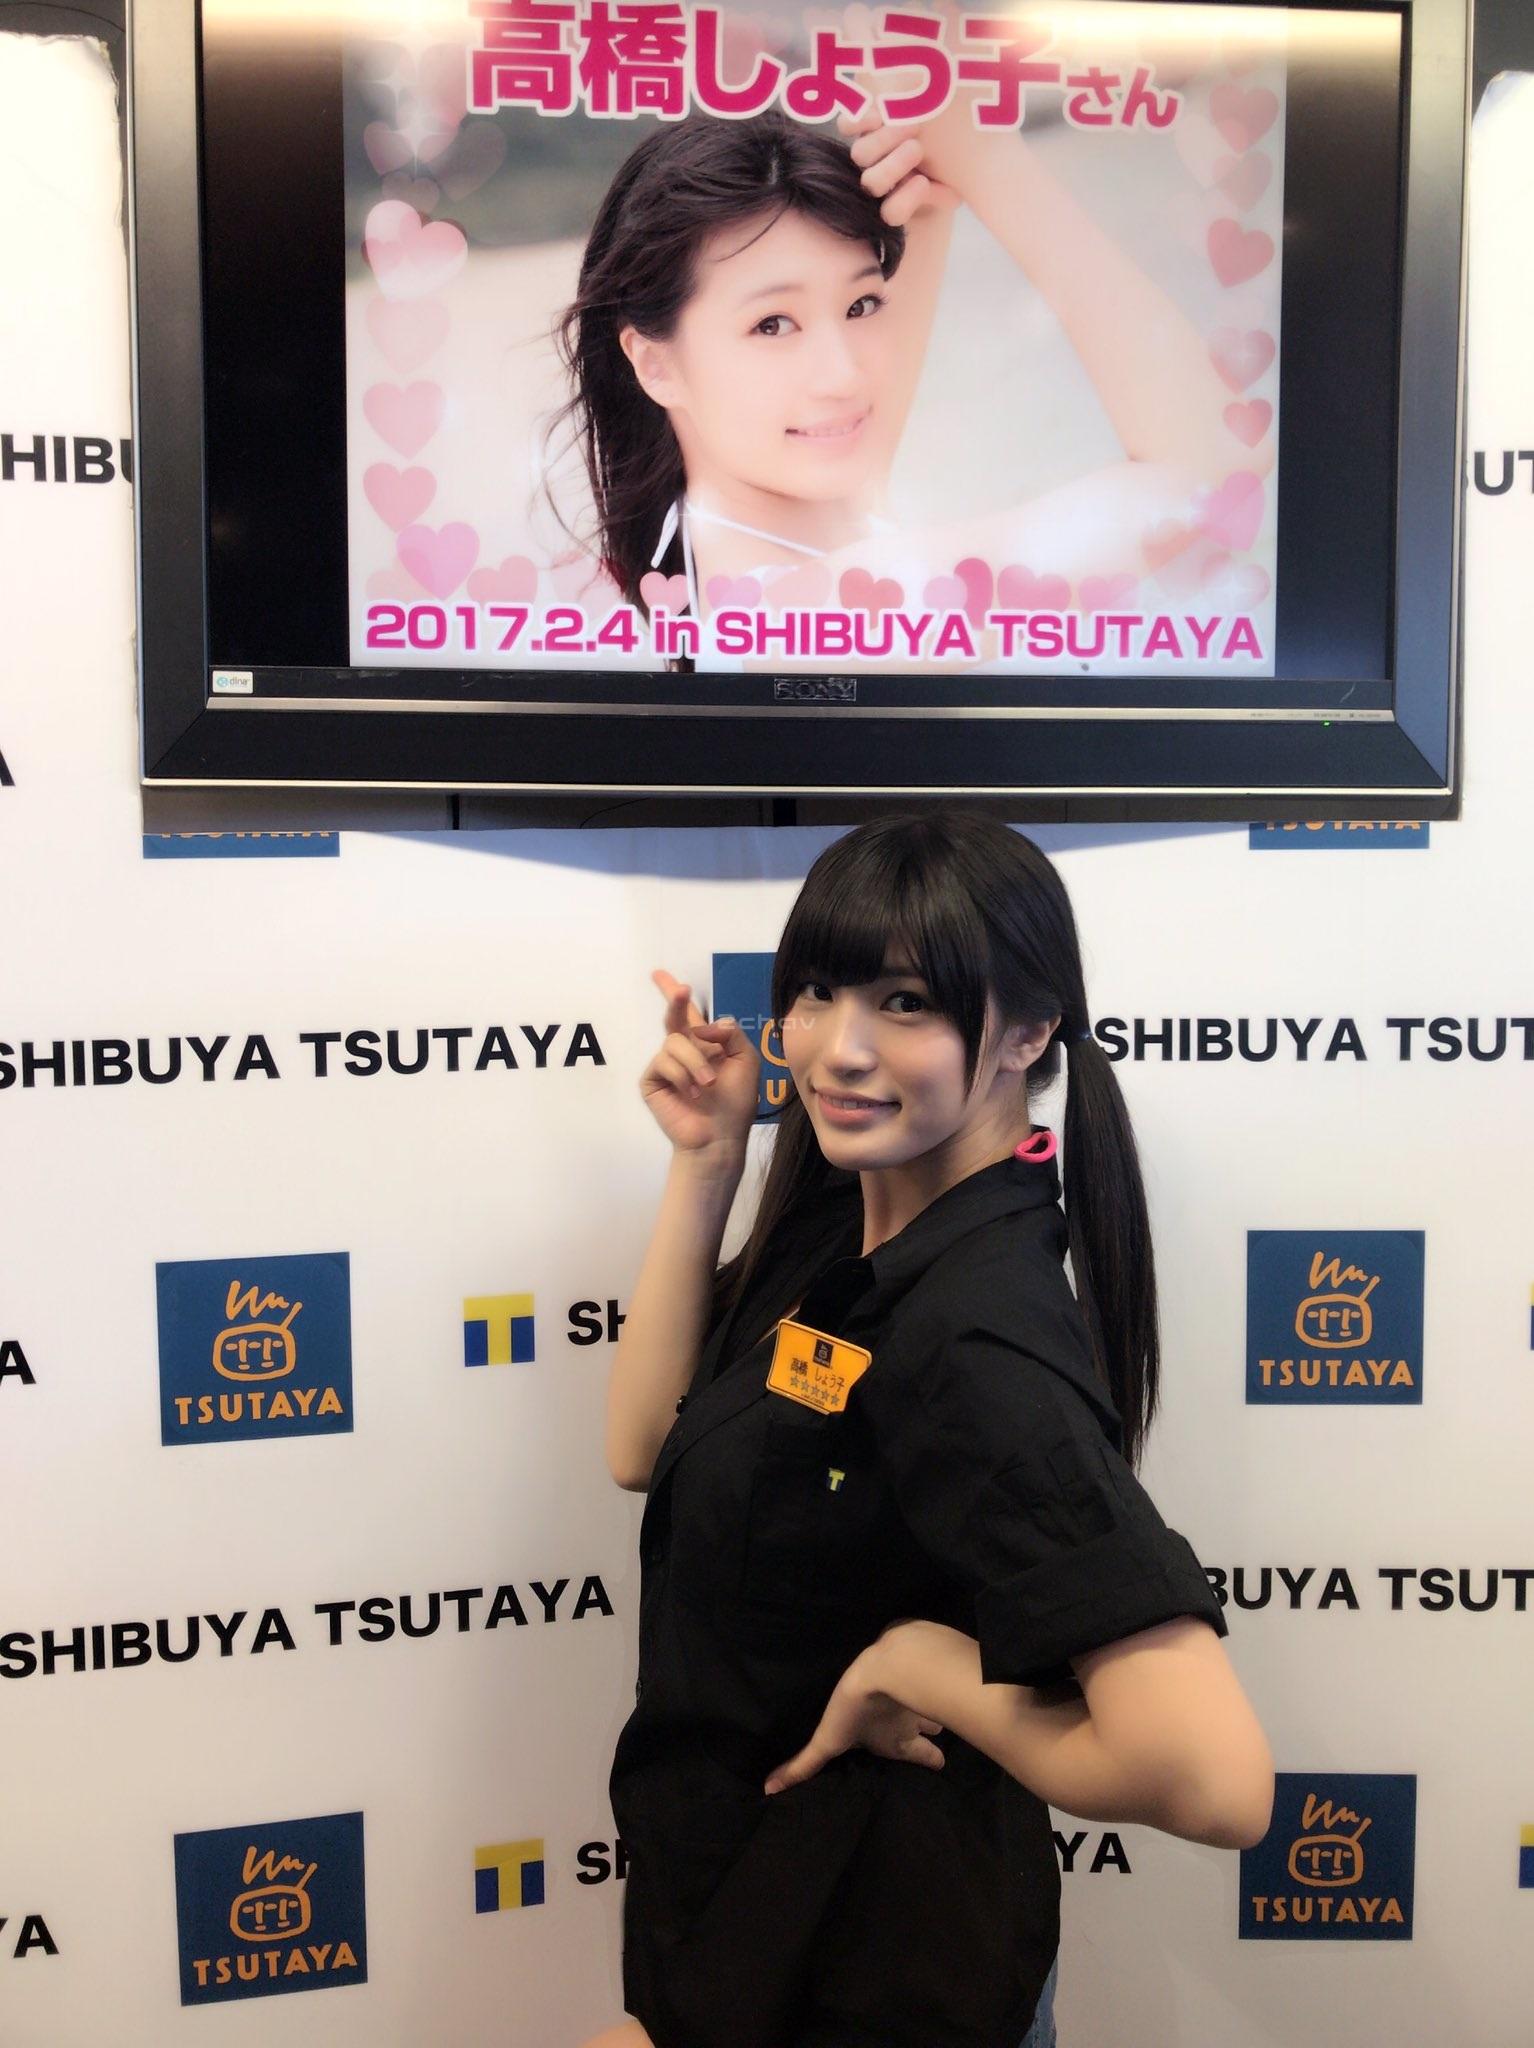 高橋しょう子渋谷TUTAYA012